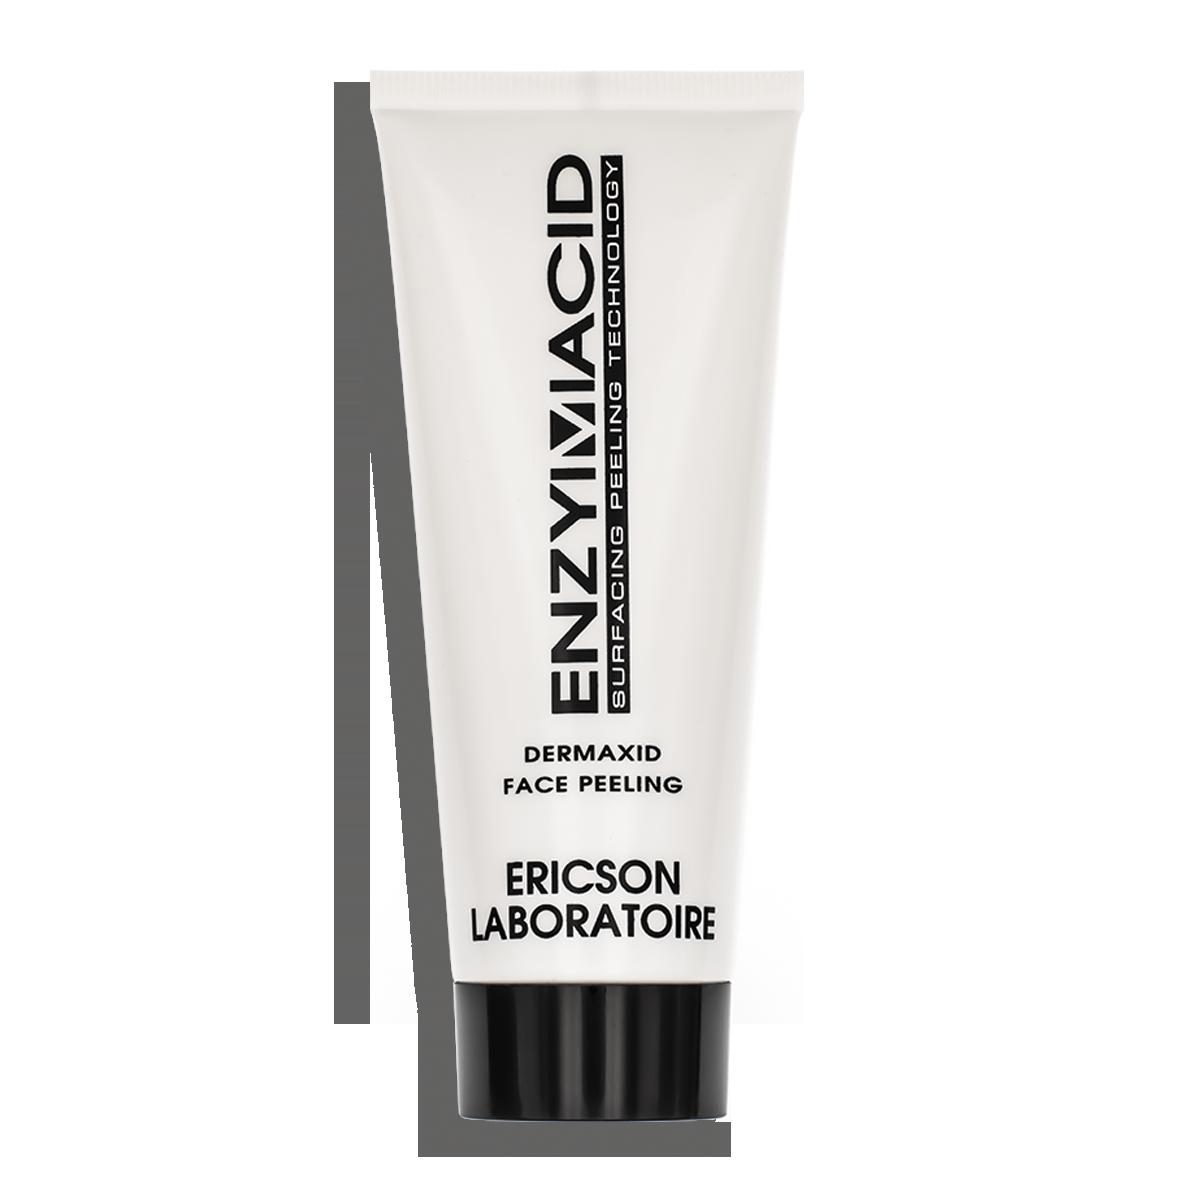 ENZYMACID E910 - Kem tẩy da chết và làm trắng da Ericson Dermaxid Face Peeling